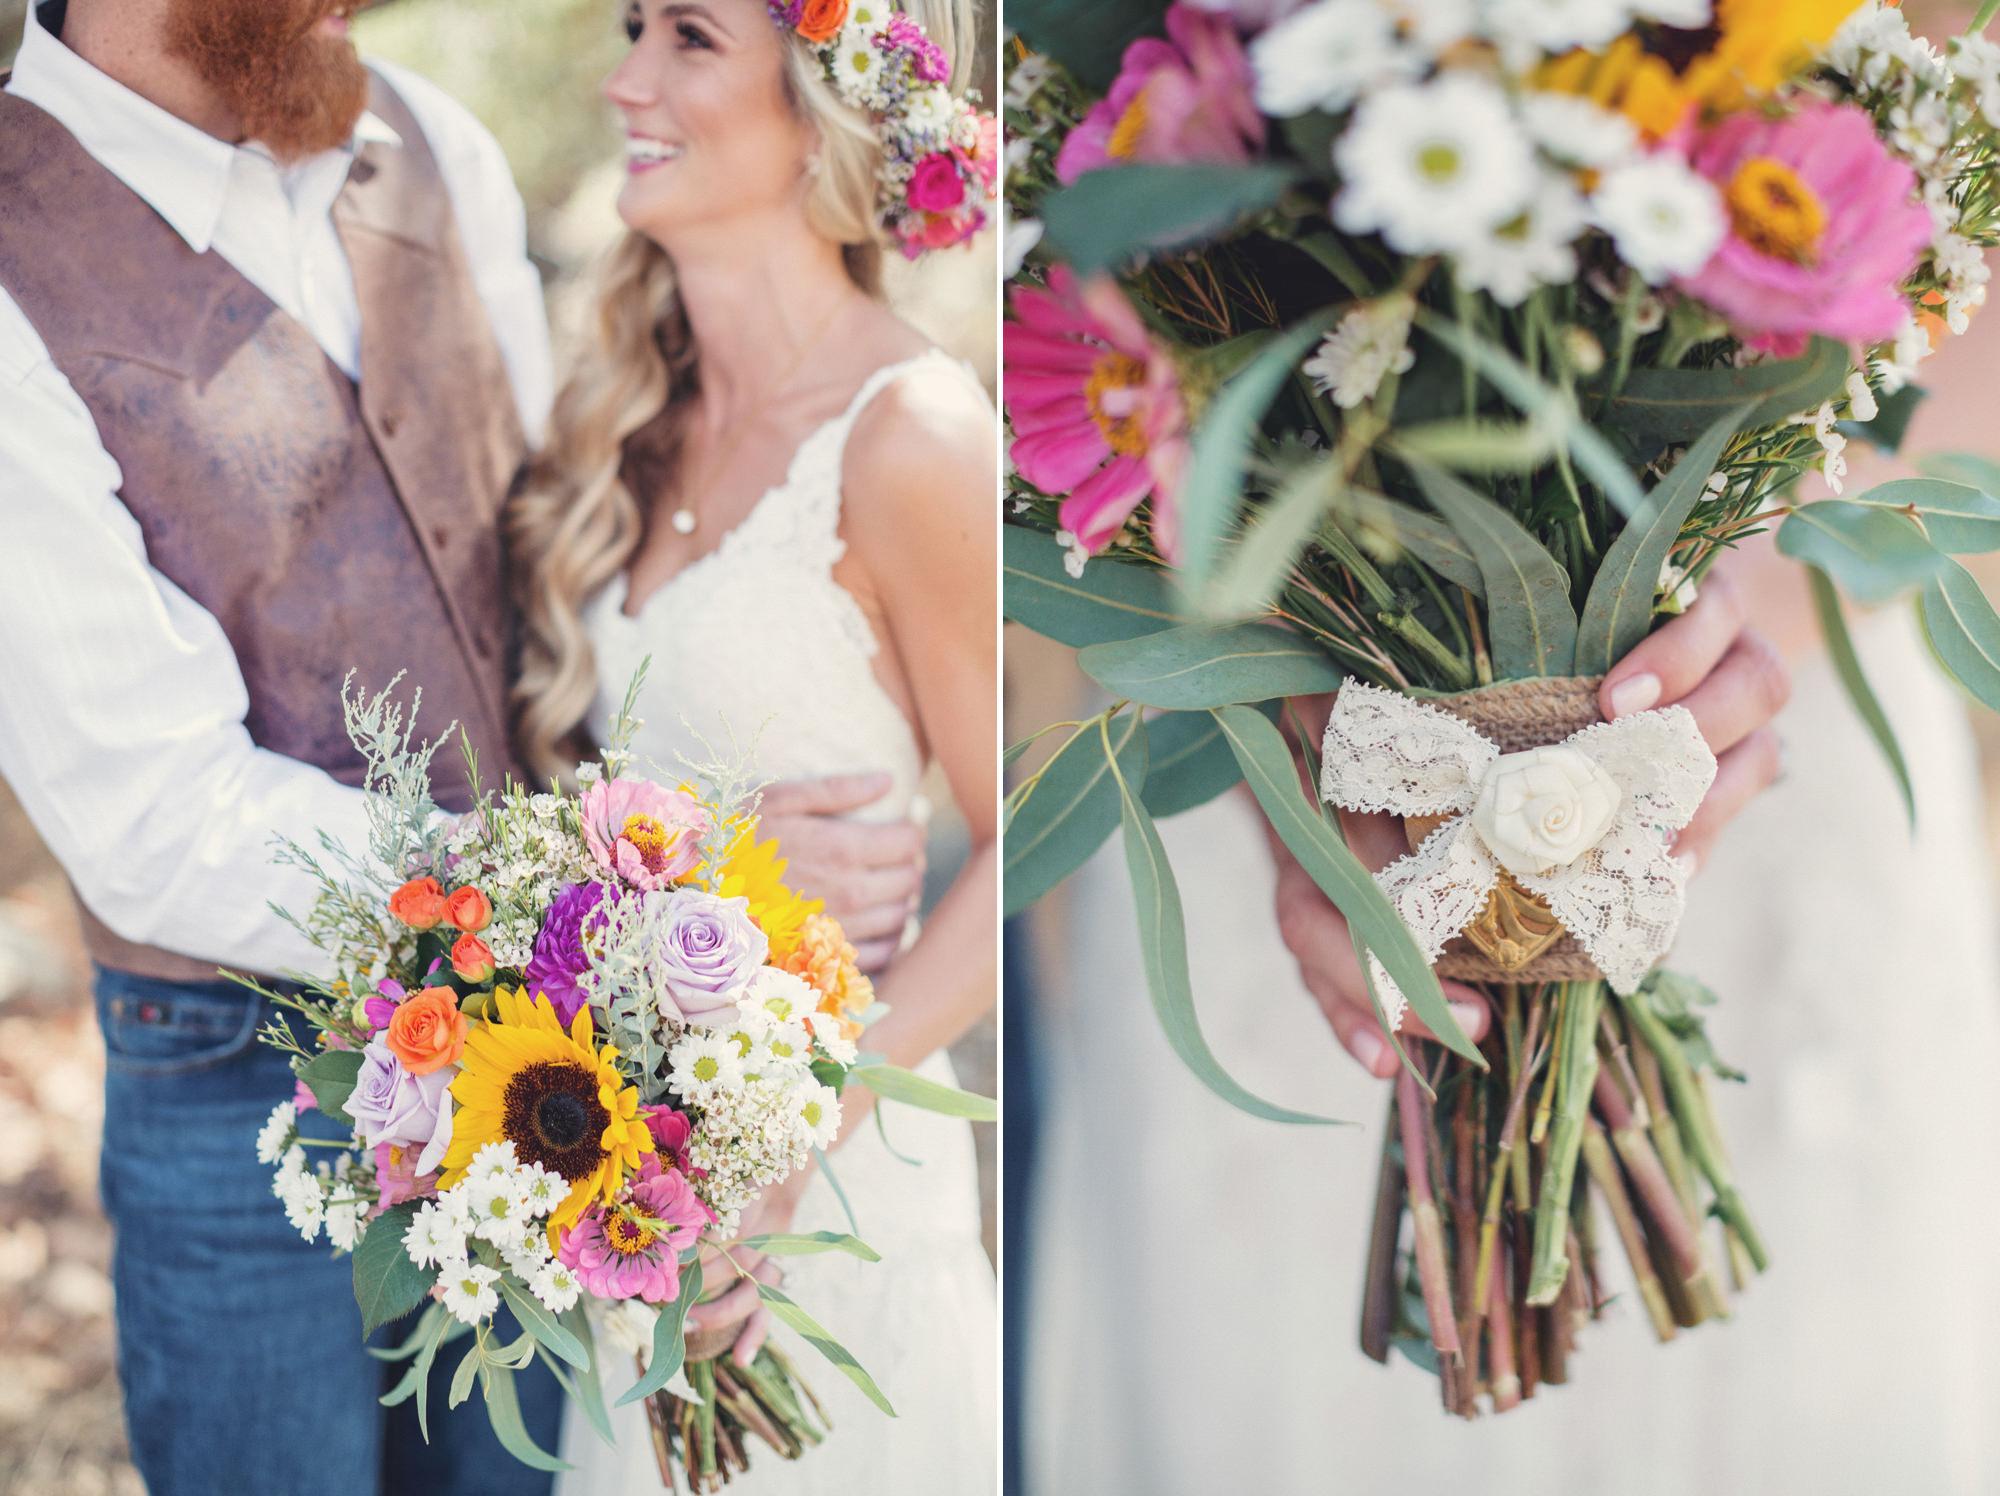 Rustic wedding in California ©Anne-Claire Brun 39